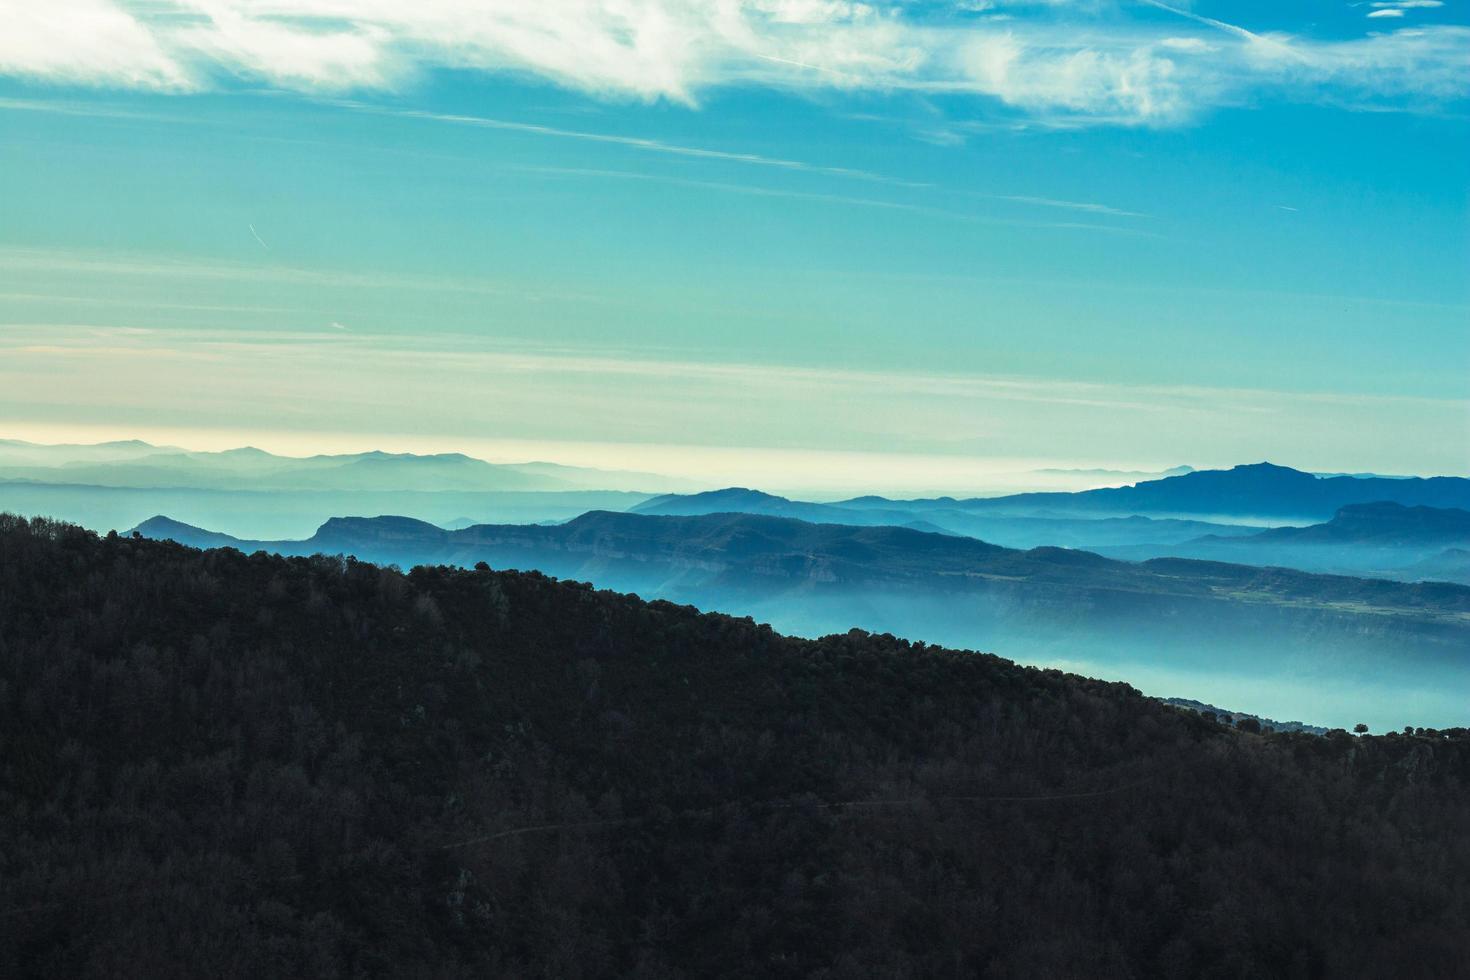 Luftaufnahme von Bergen und Wolken foto